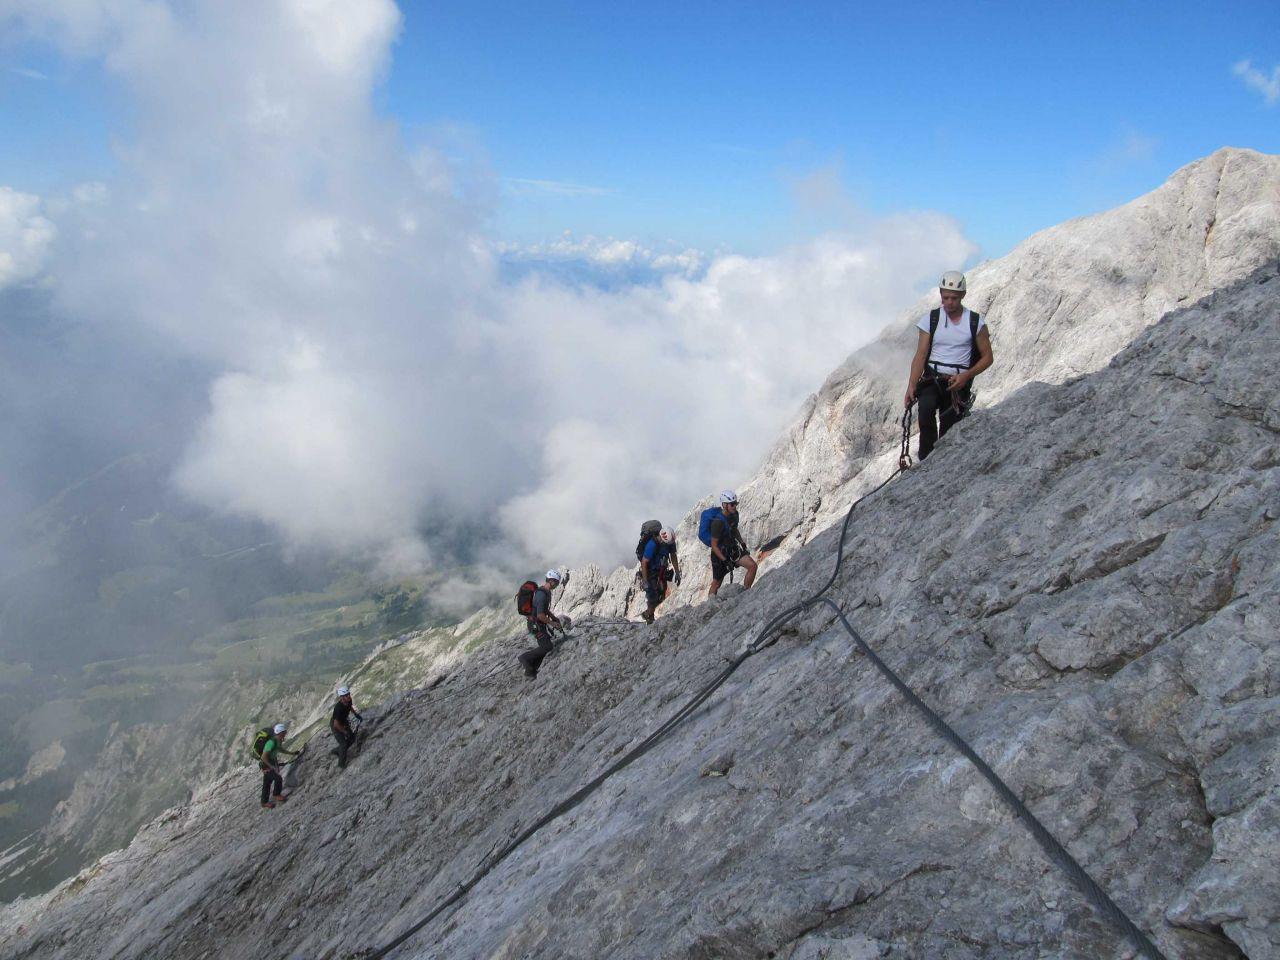 Klettersteig Hochkönig : 29.juli 2016 königsjodler klettersteig am hochkönig alpenverein